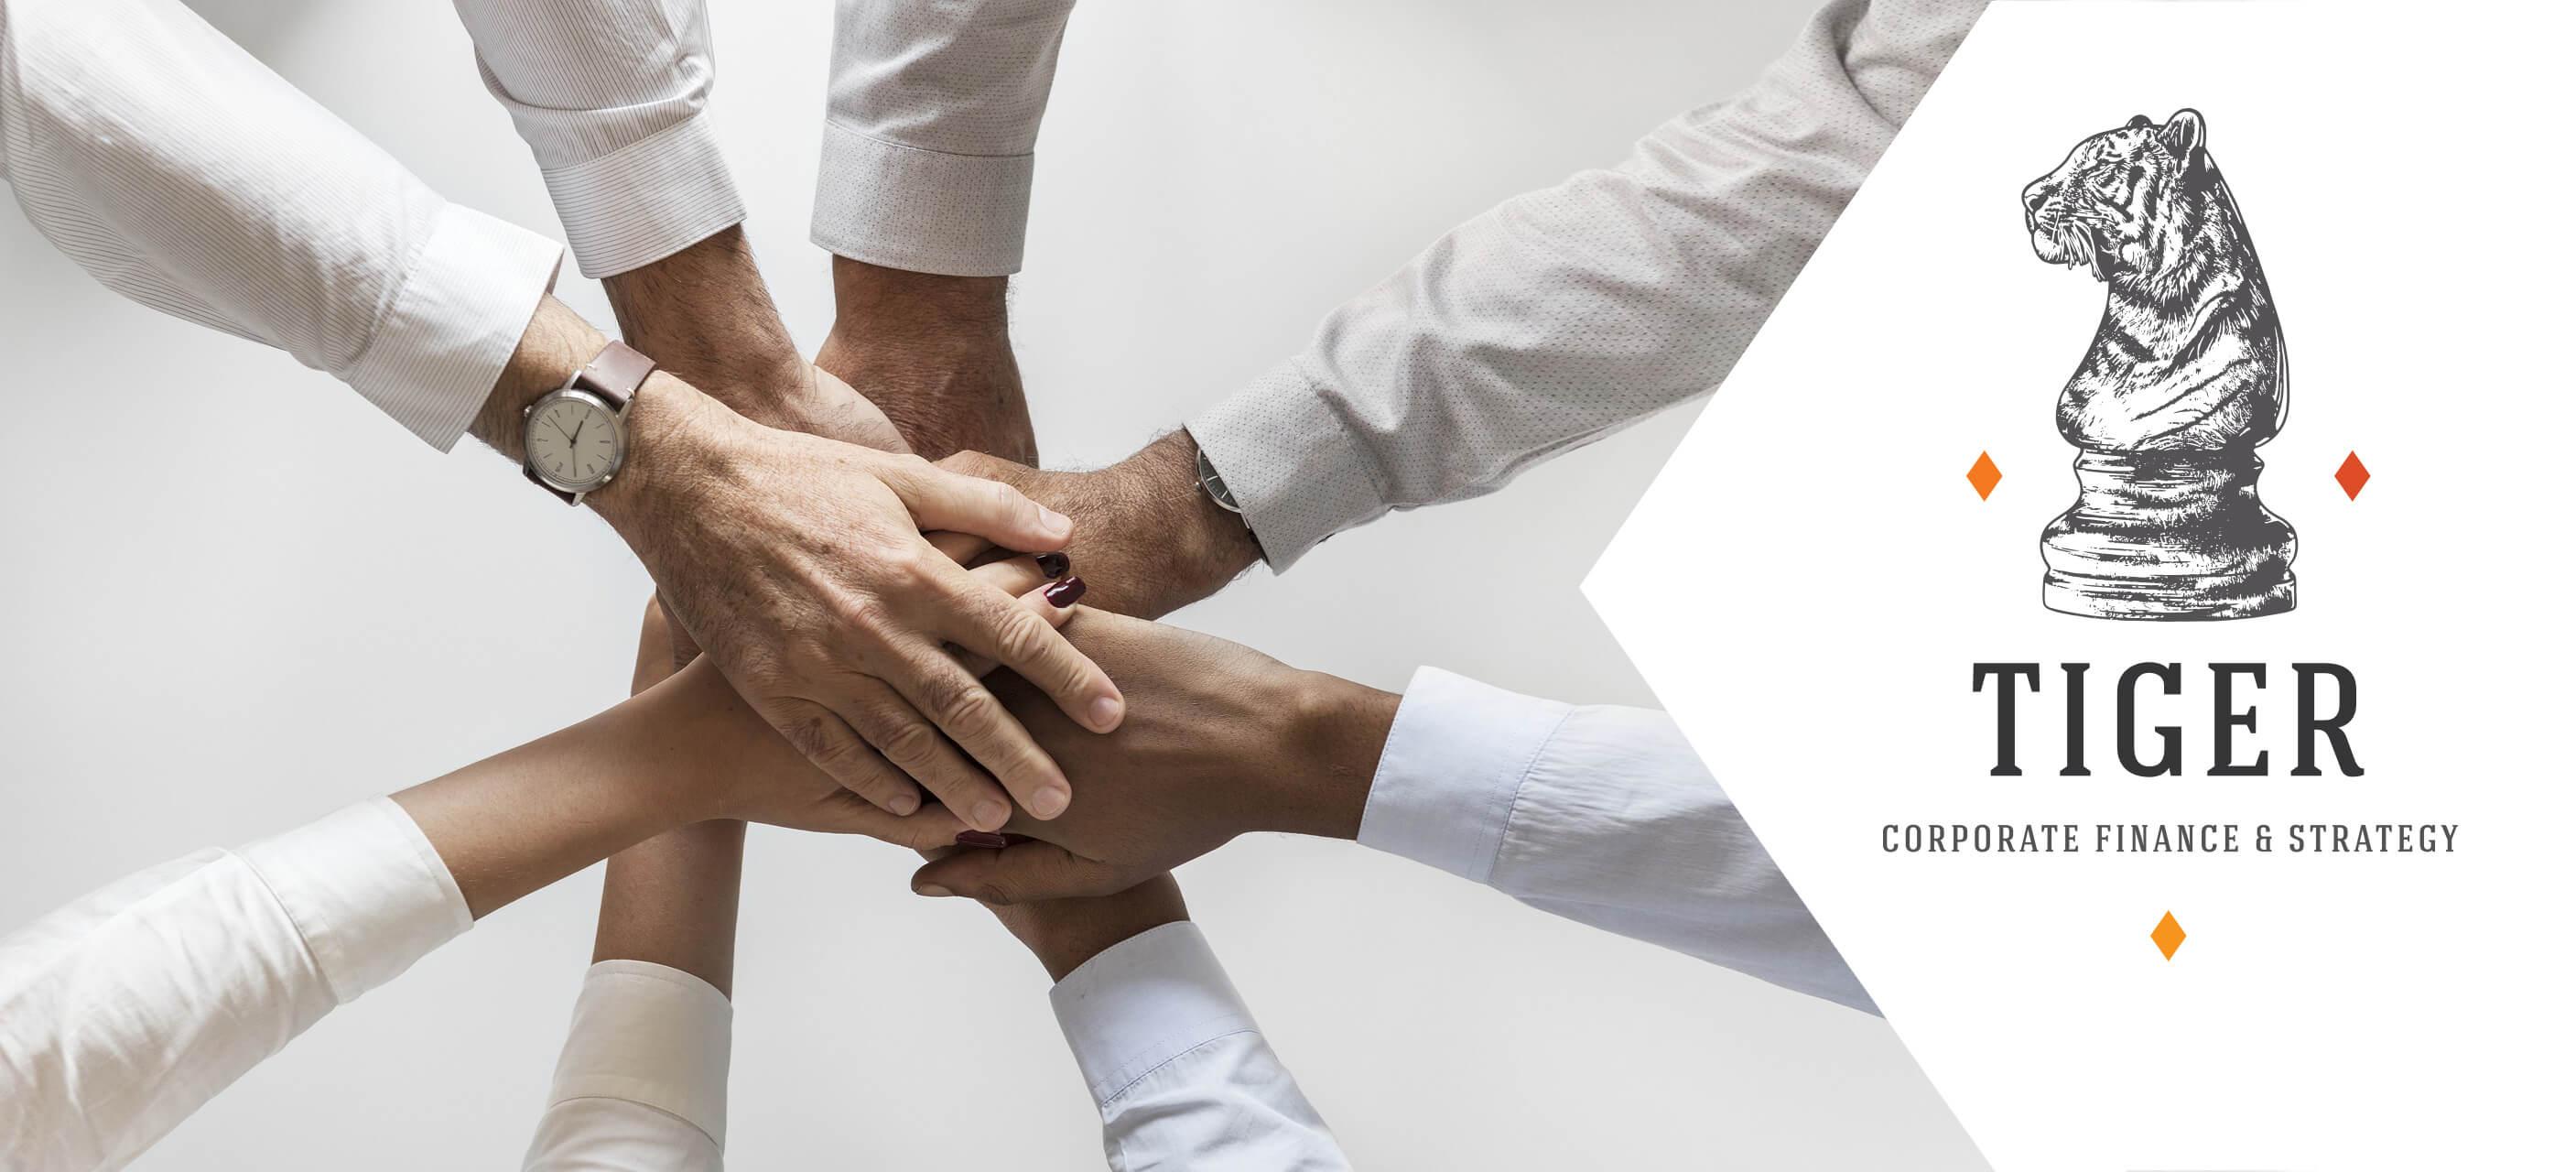 Wat gebeurt er na het tekenen van de koopovereenkomst van een bedrijf?